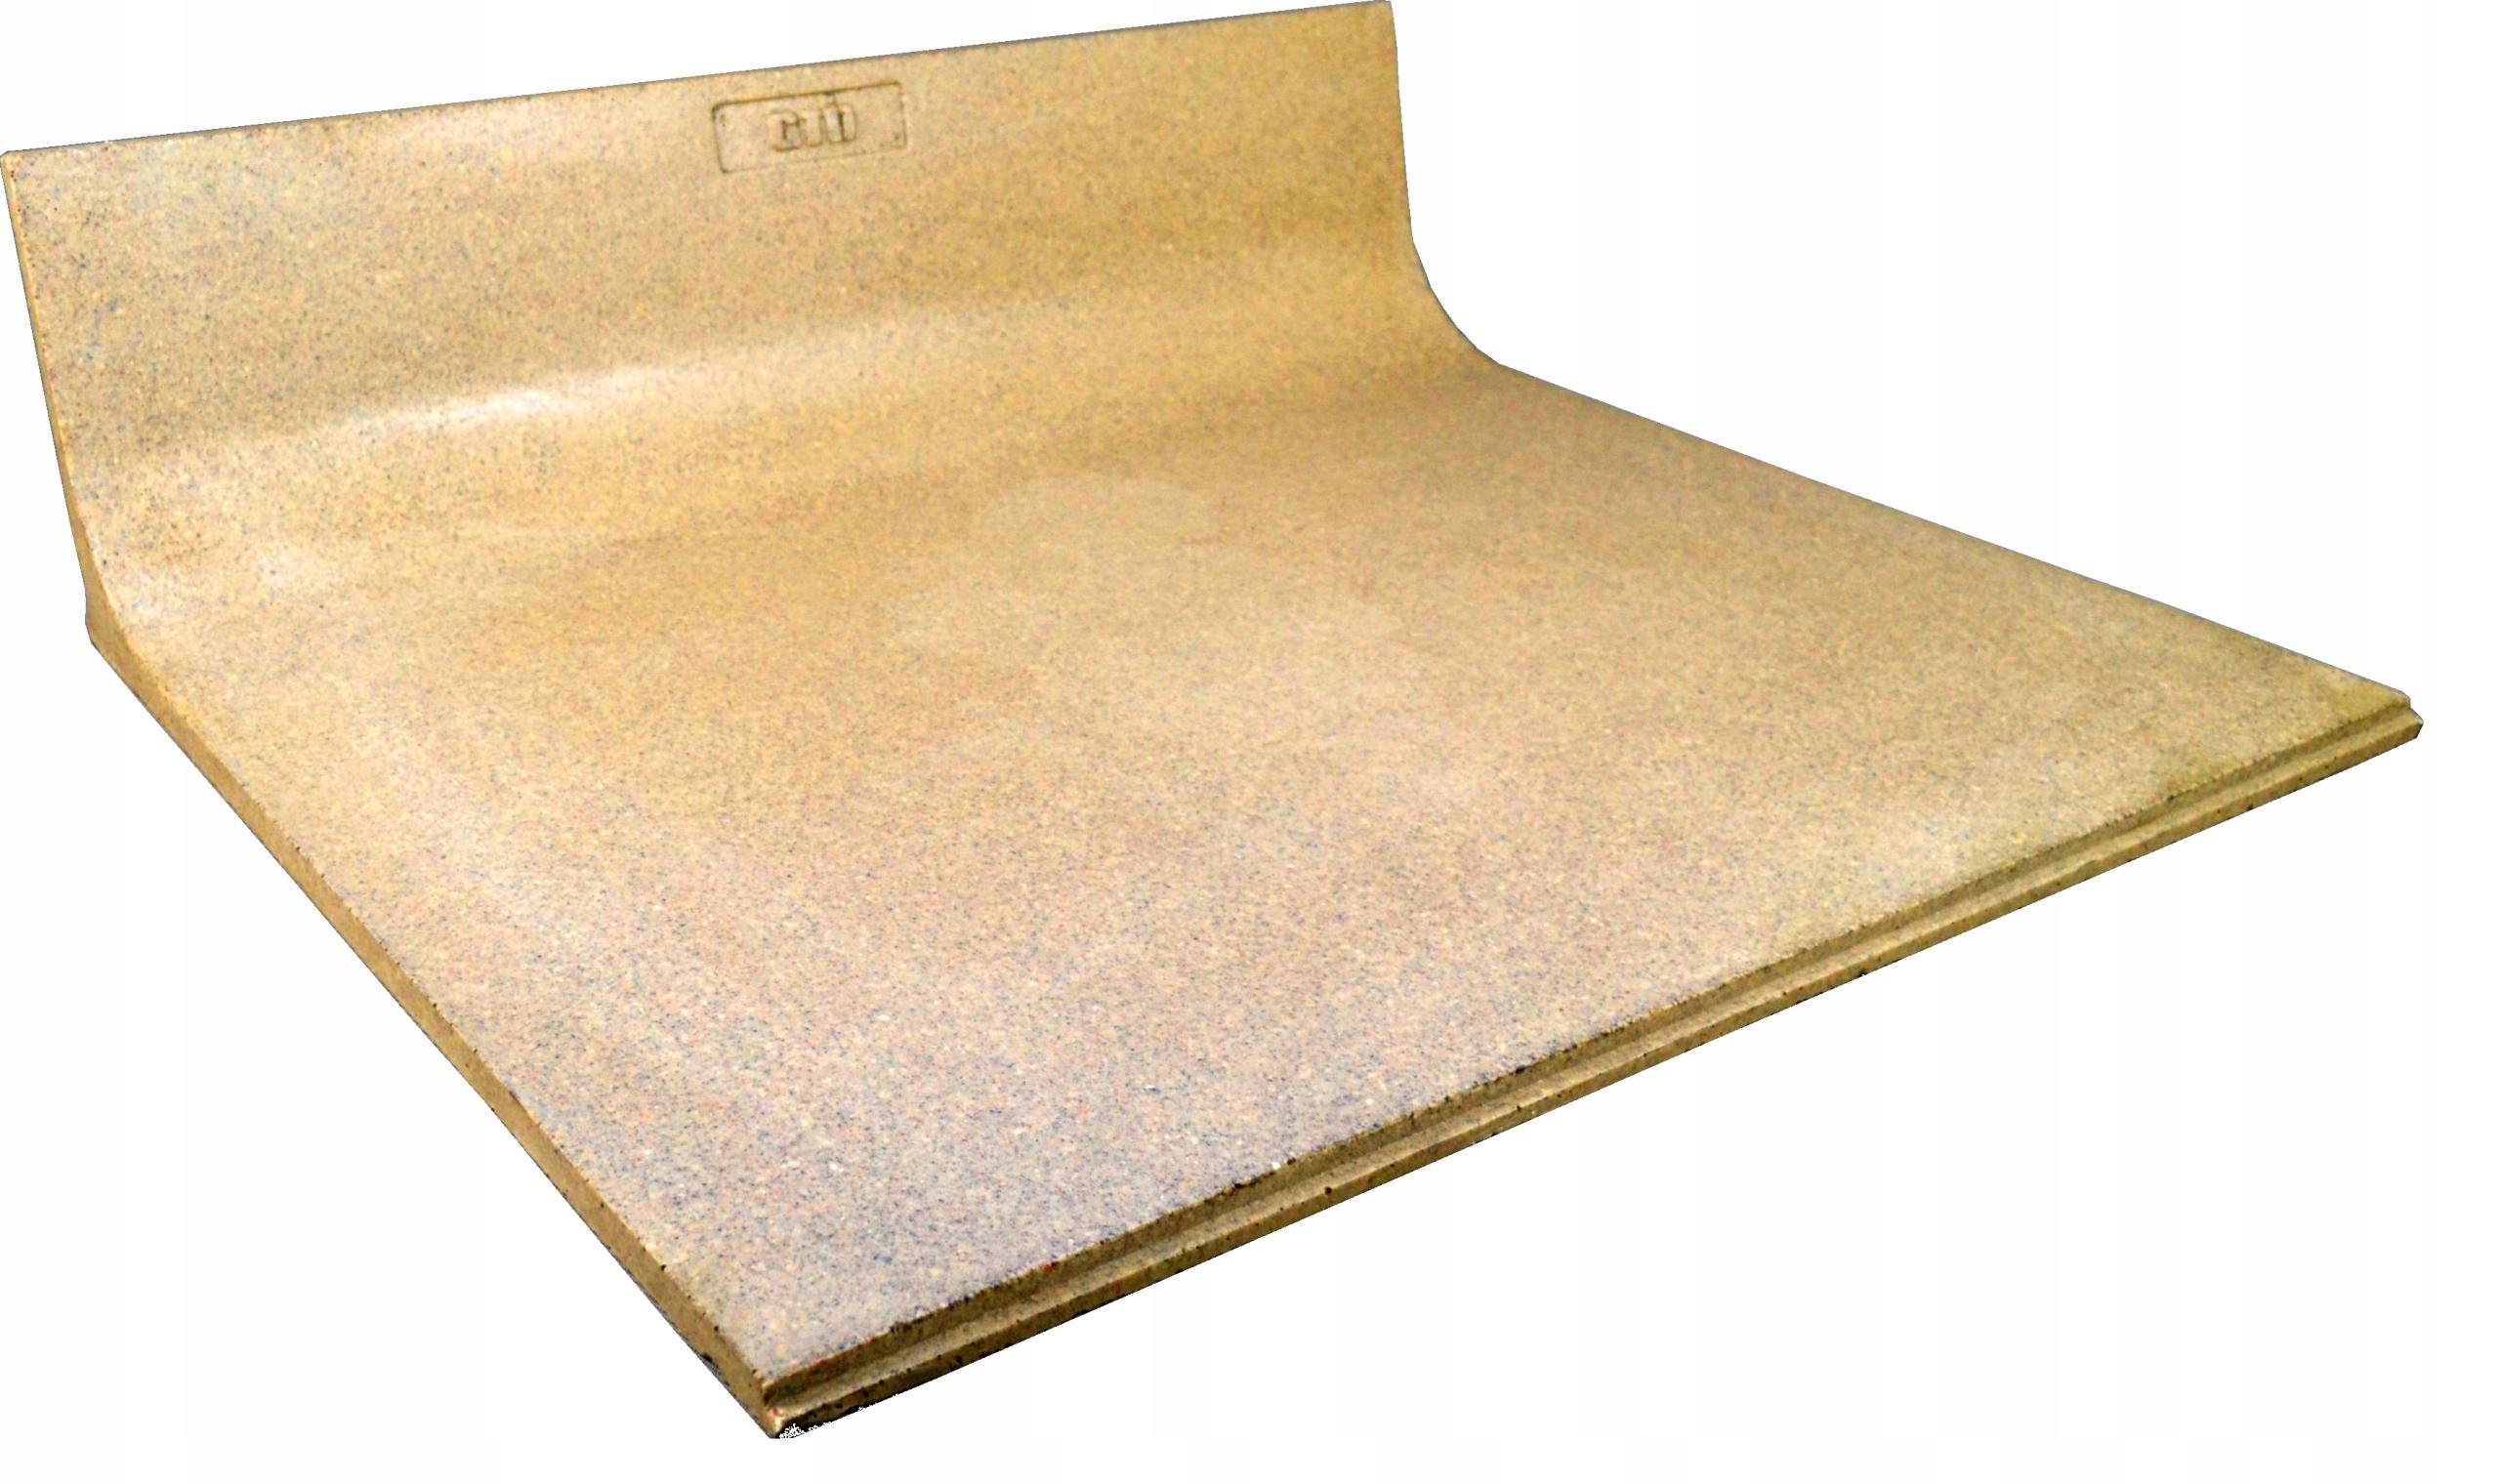 Priebežná tabuľka. Polymer betónový betón. KSB 80/22